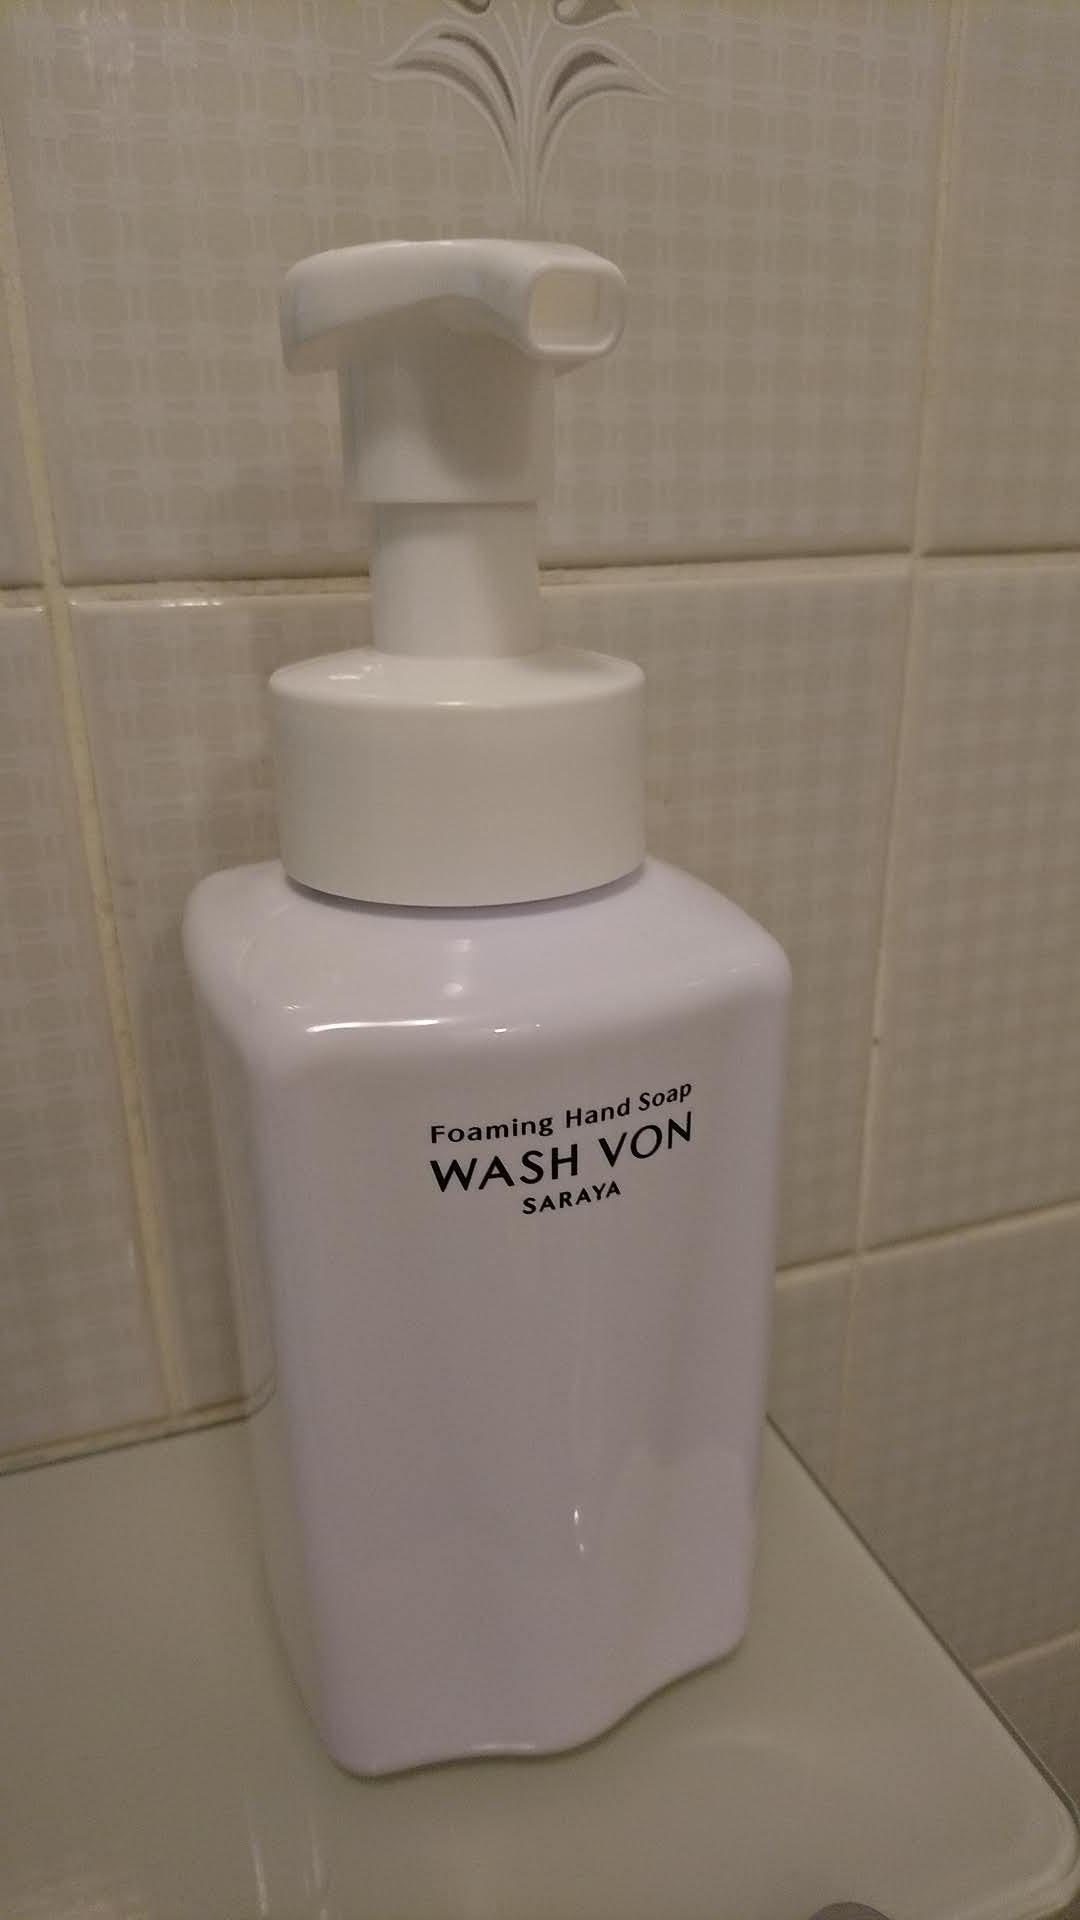 手洗い石けん液 ウォシュボンシトラスフォーム サラヤ(株)製